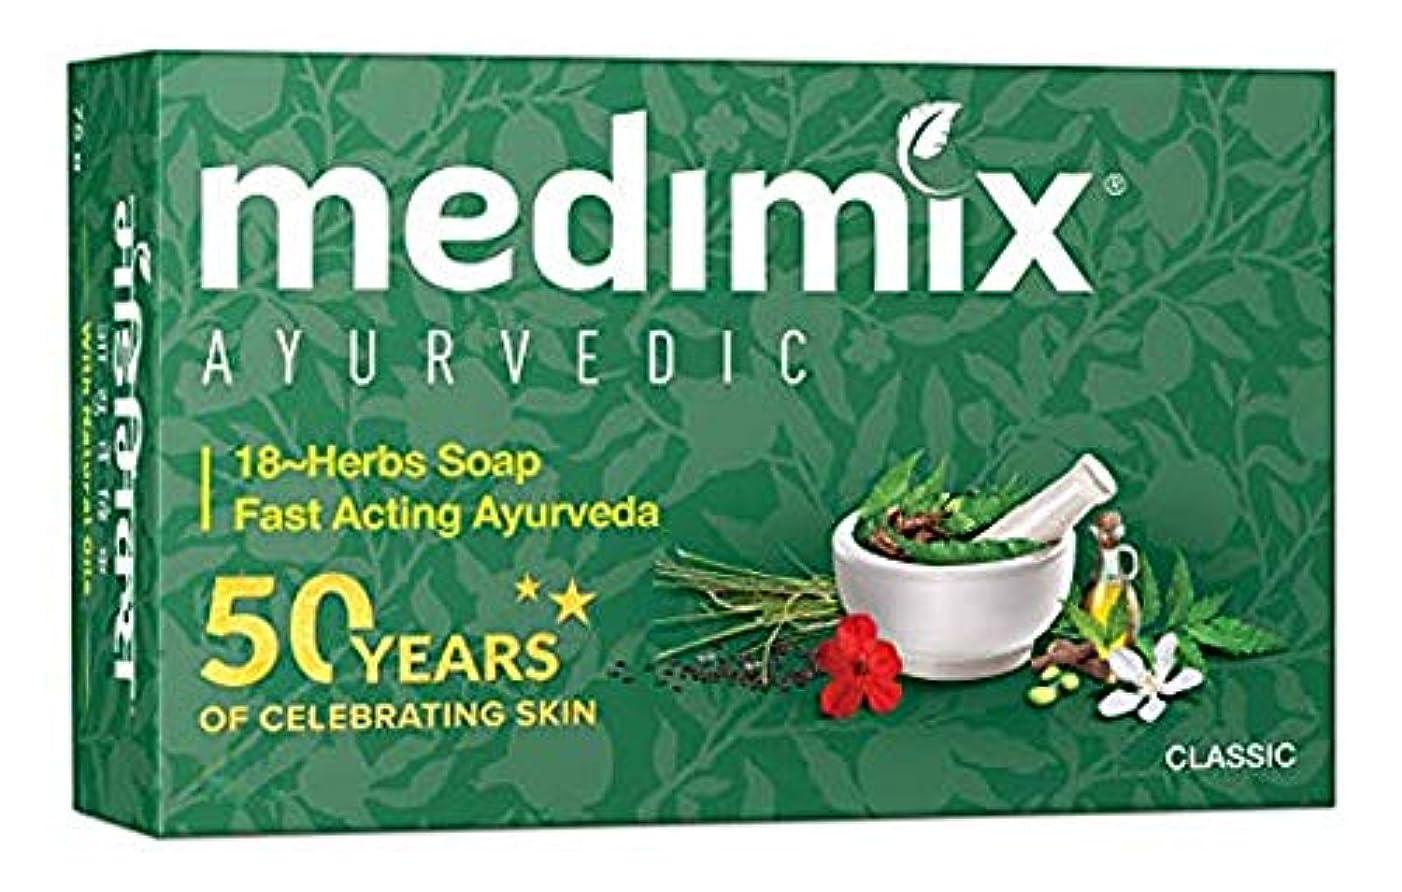 策定する成熟輝くMEDIMIX メディミックス アーユルヴェーダ石鹸 18ハーブス20個セット(medimix classic 18-HERB AYURVEDA) 125g